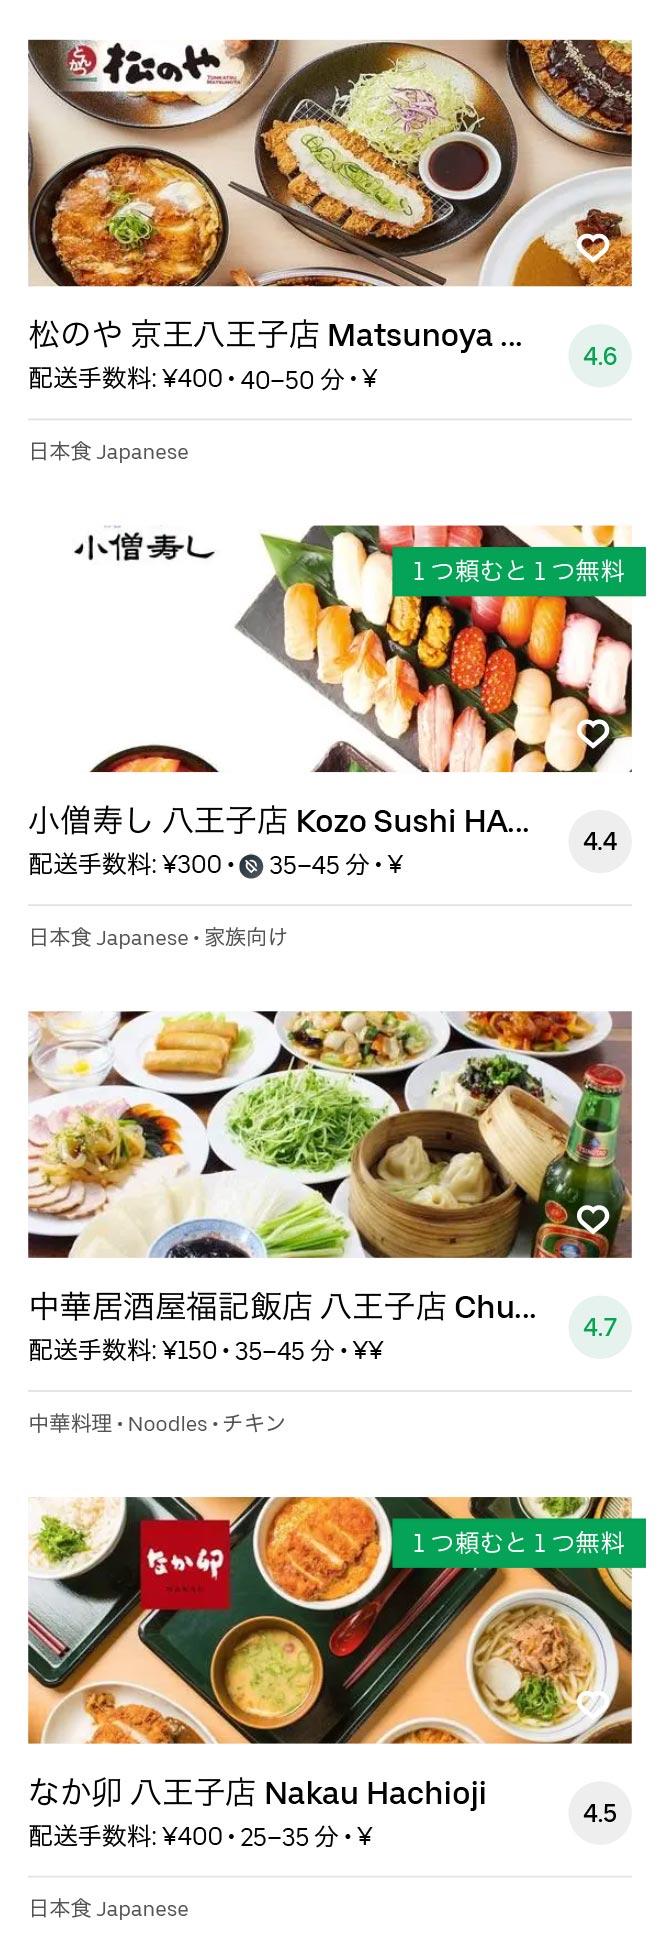 Hatioji minamino menu 2010 11